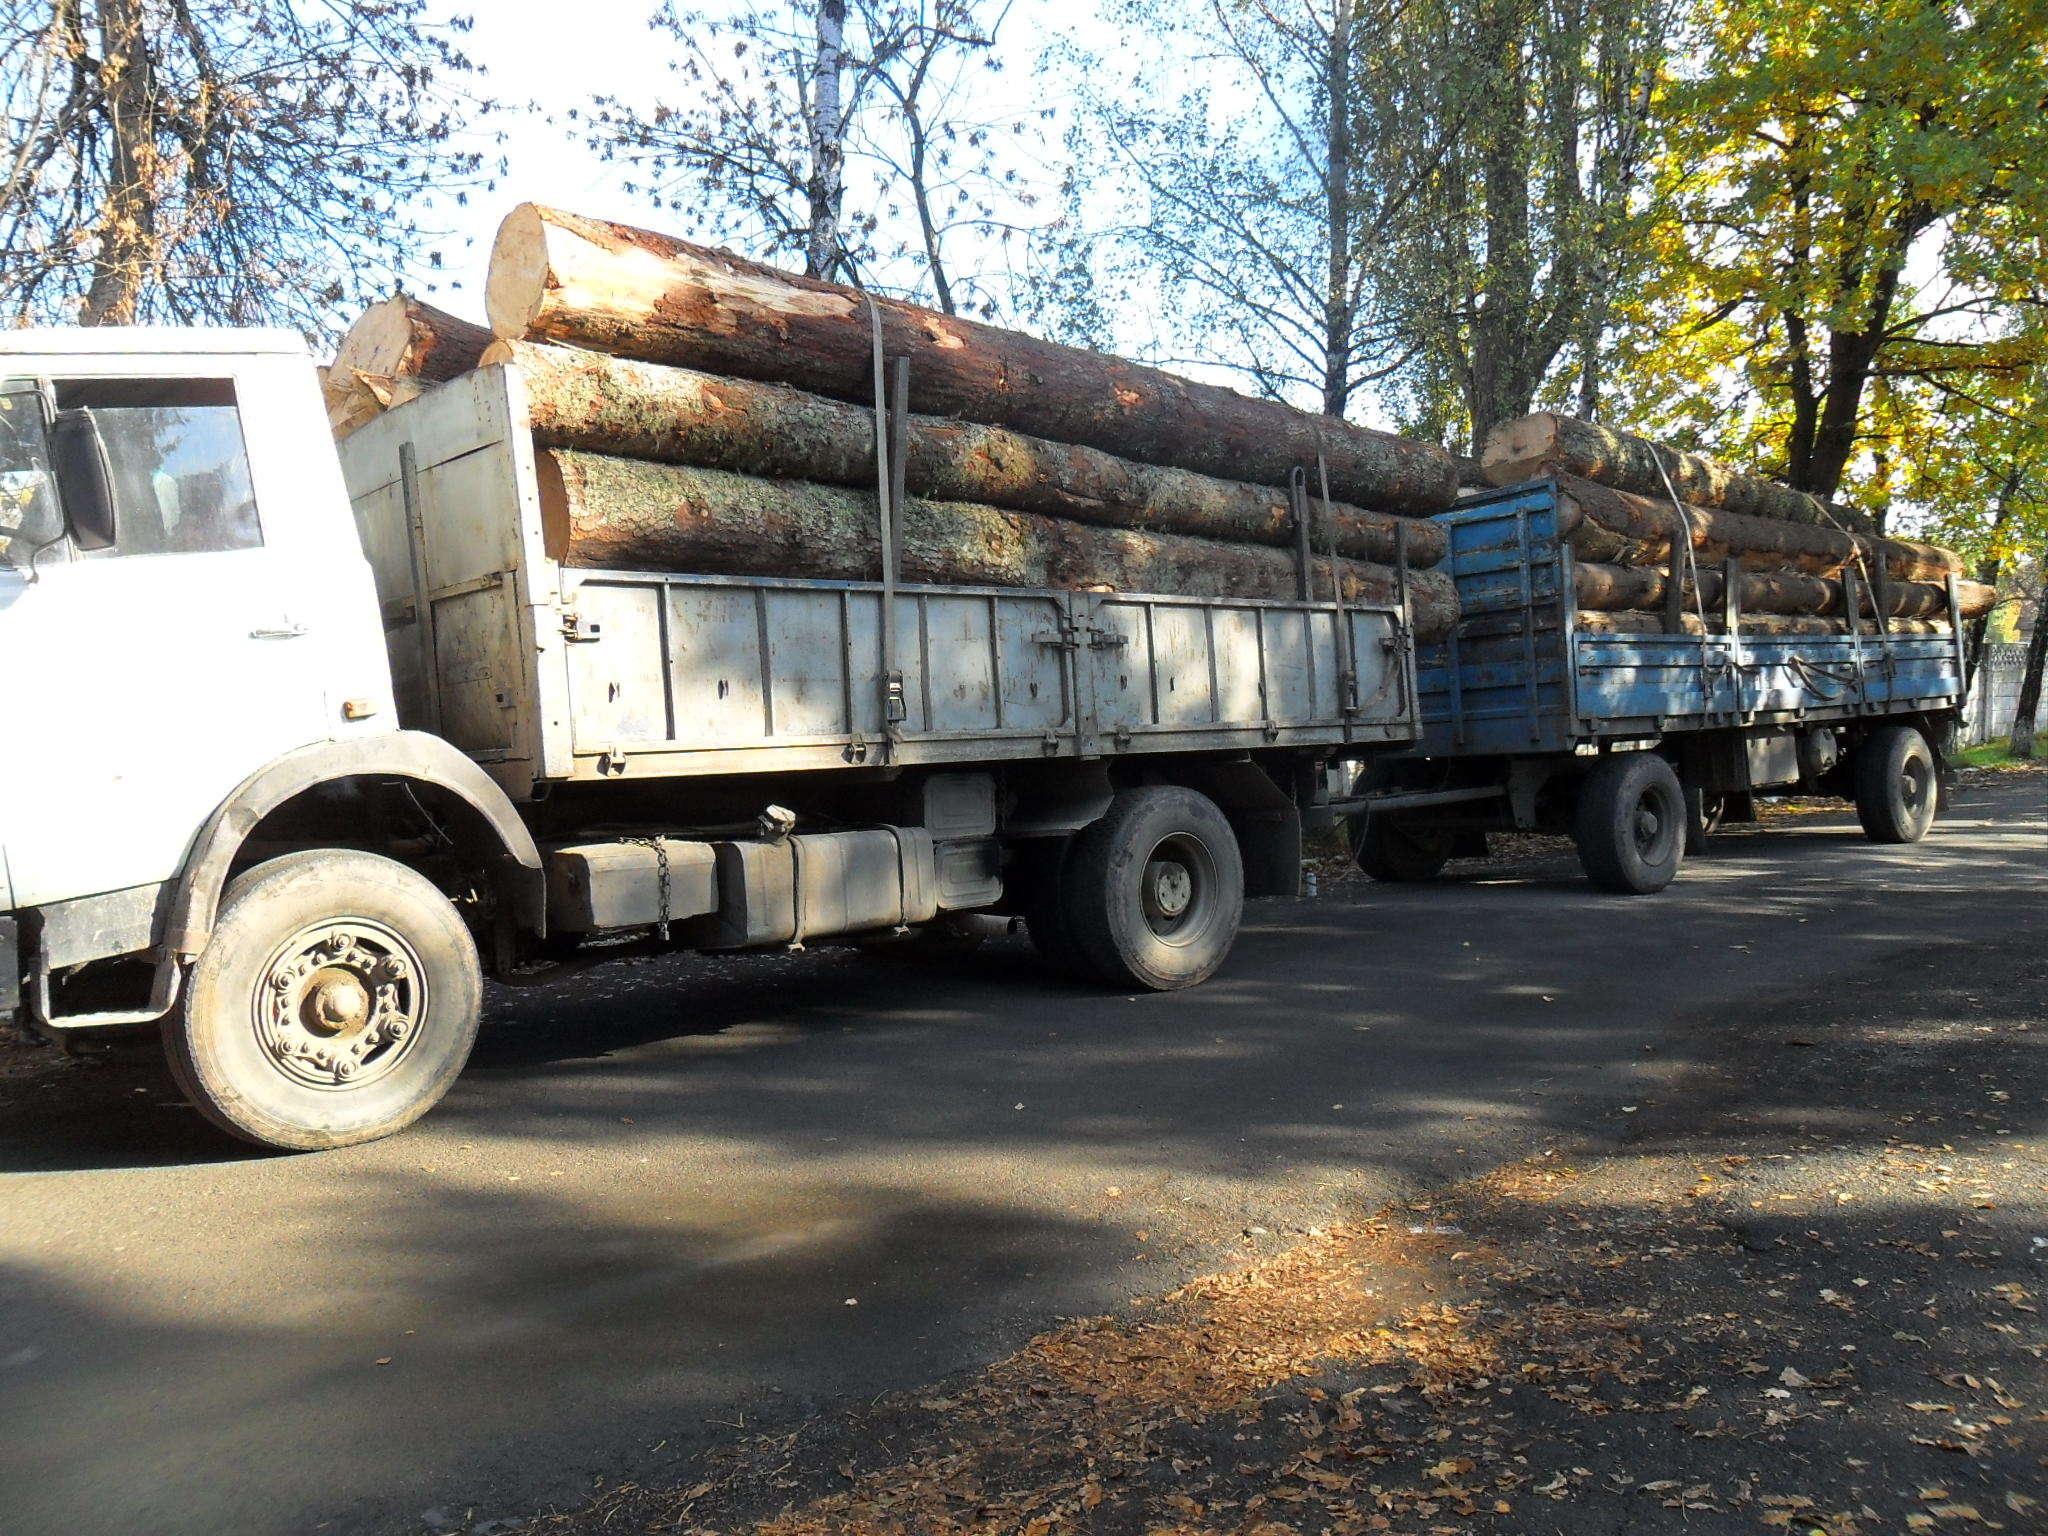 Обласні правоохоронці затримували вантажівки з незаконною деревиною